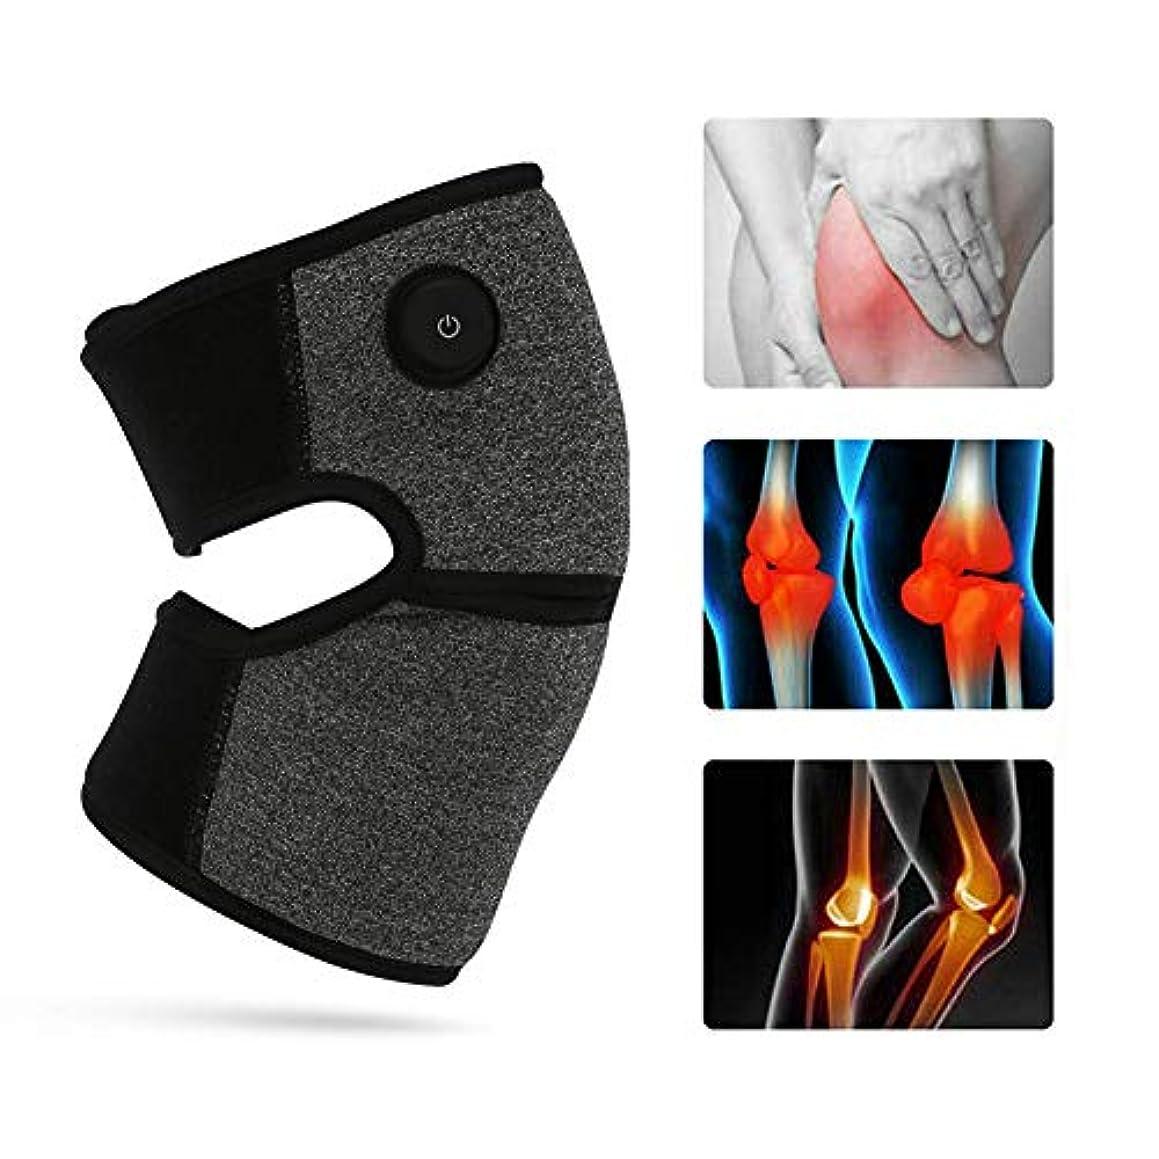 リットル熟考する規模電気加熱膝パッド加熱膝ブレースラップサポート療法ホット圧縮3ファイル温度で関節炎膝の痛み,1pc